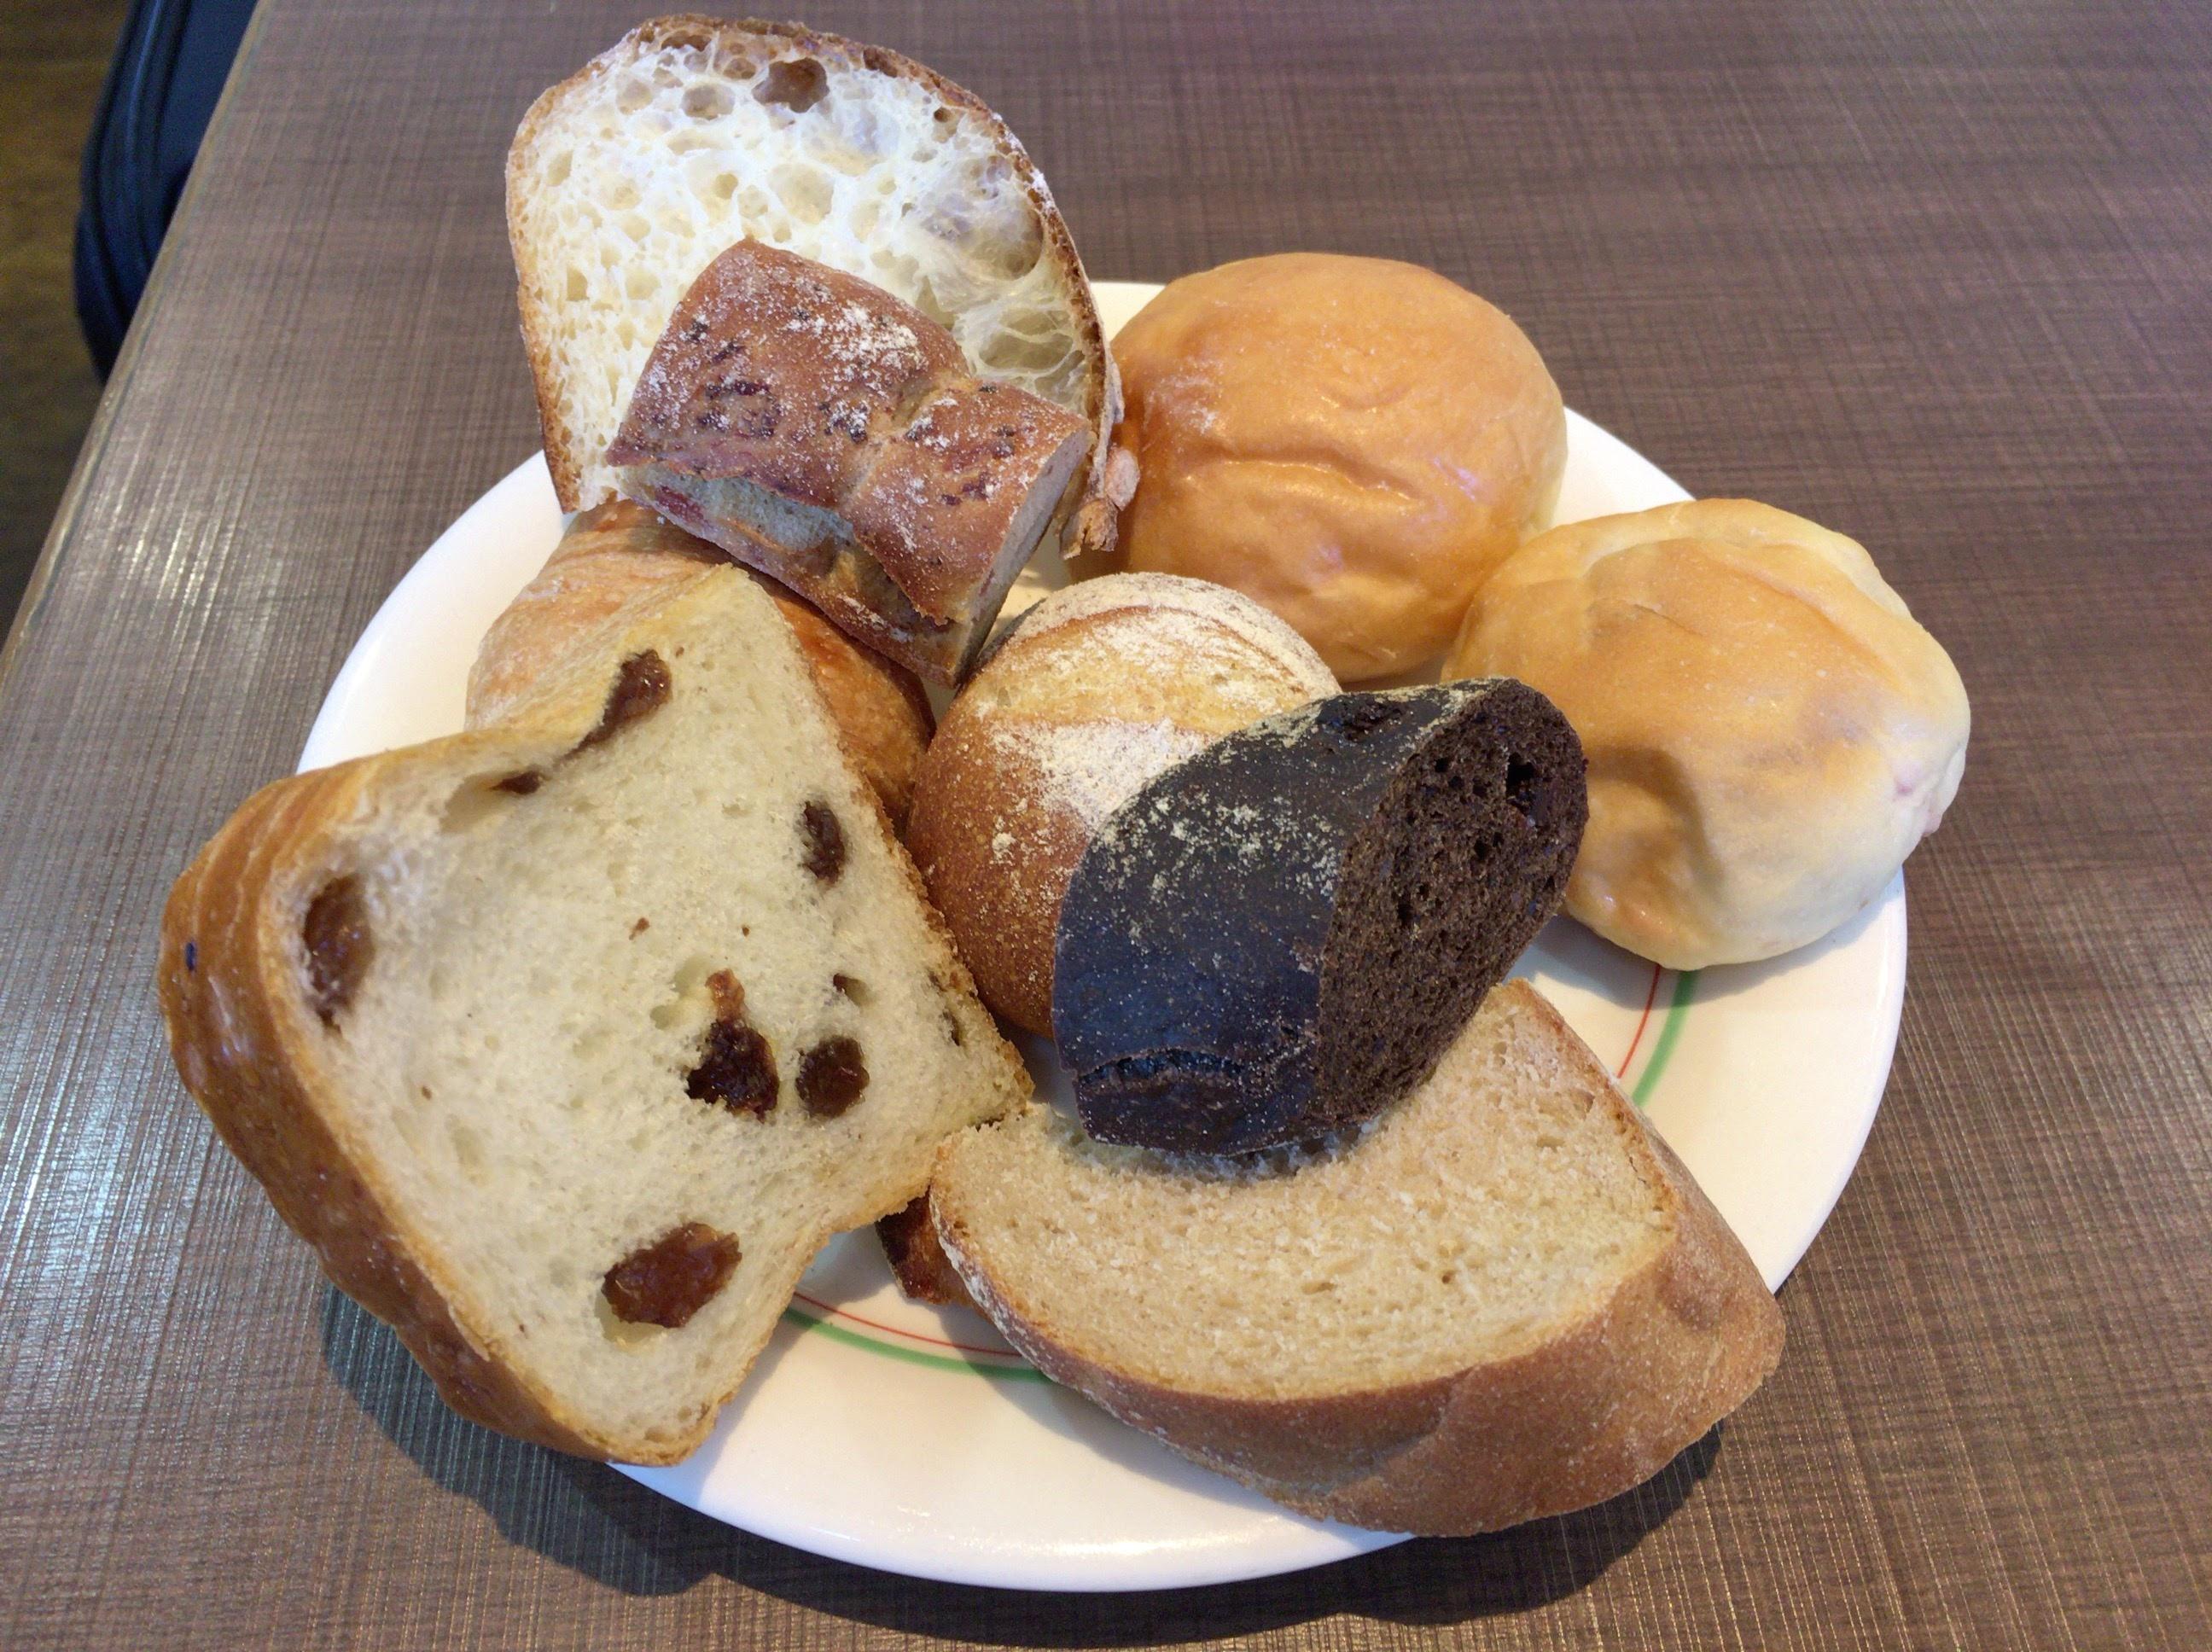 ベッラドンナ ~えきマチ1丁目香椎の「ワンコイン食べ放題」でランチ。地元に愛されるカフェ&ベーカリーでした